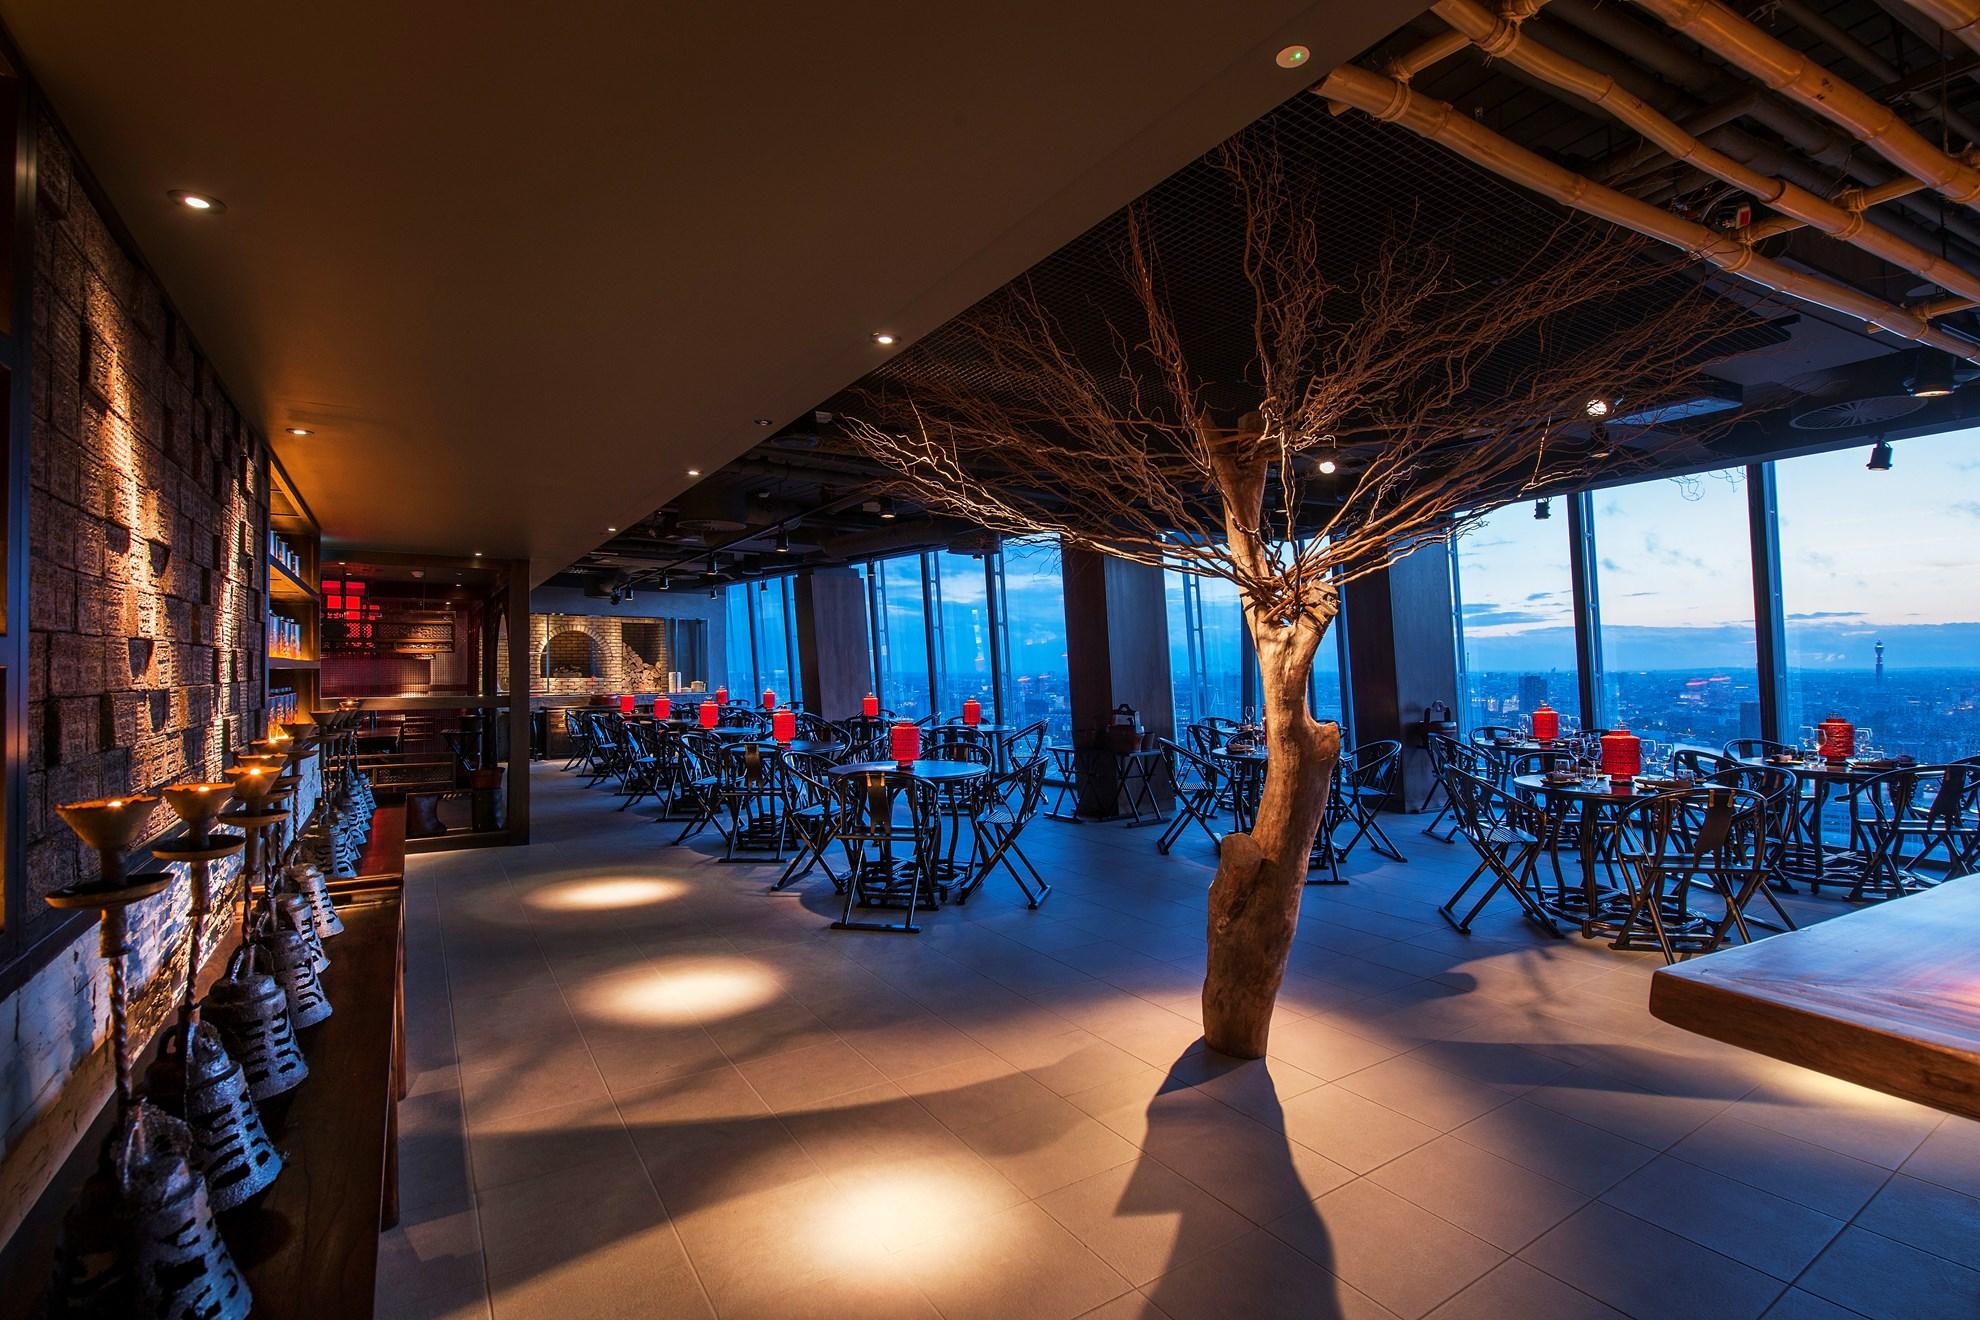 I migliori ristoranti di design a Londra